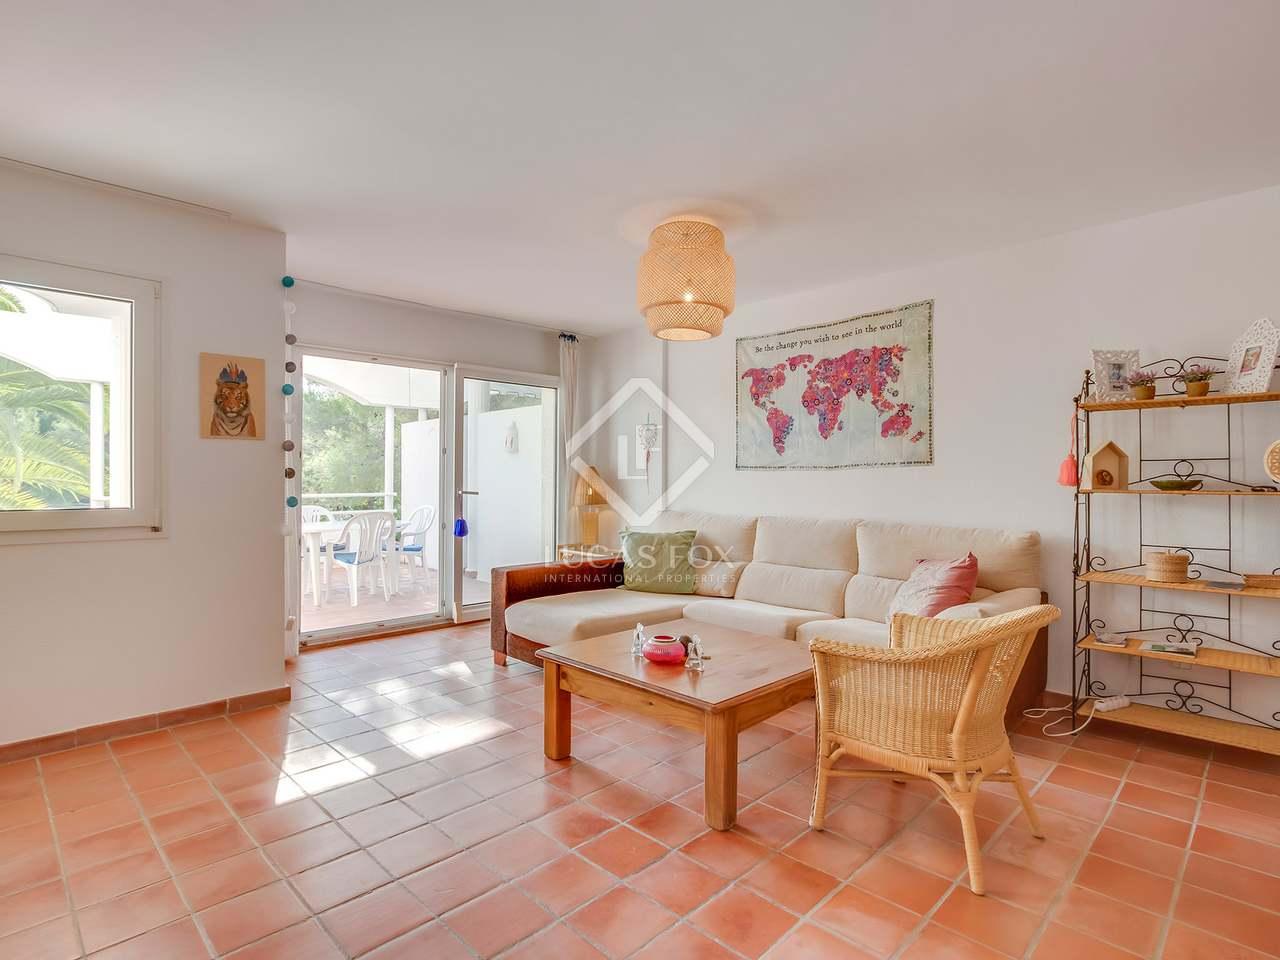 84m u00b2 Lägenhet med 19m u00b2 terrass till salu i Santa Eulalia